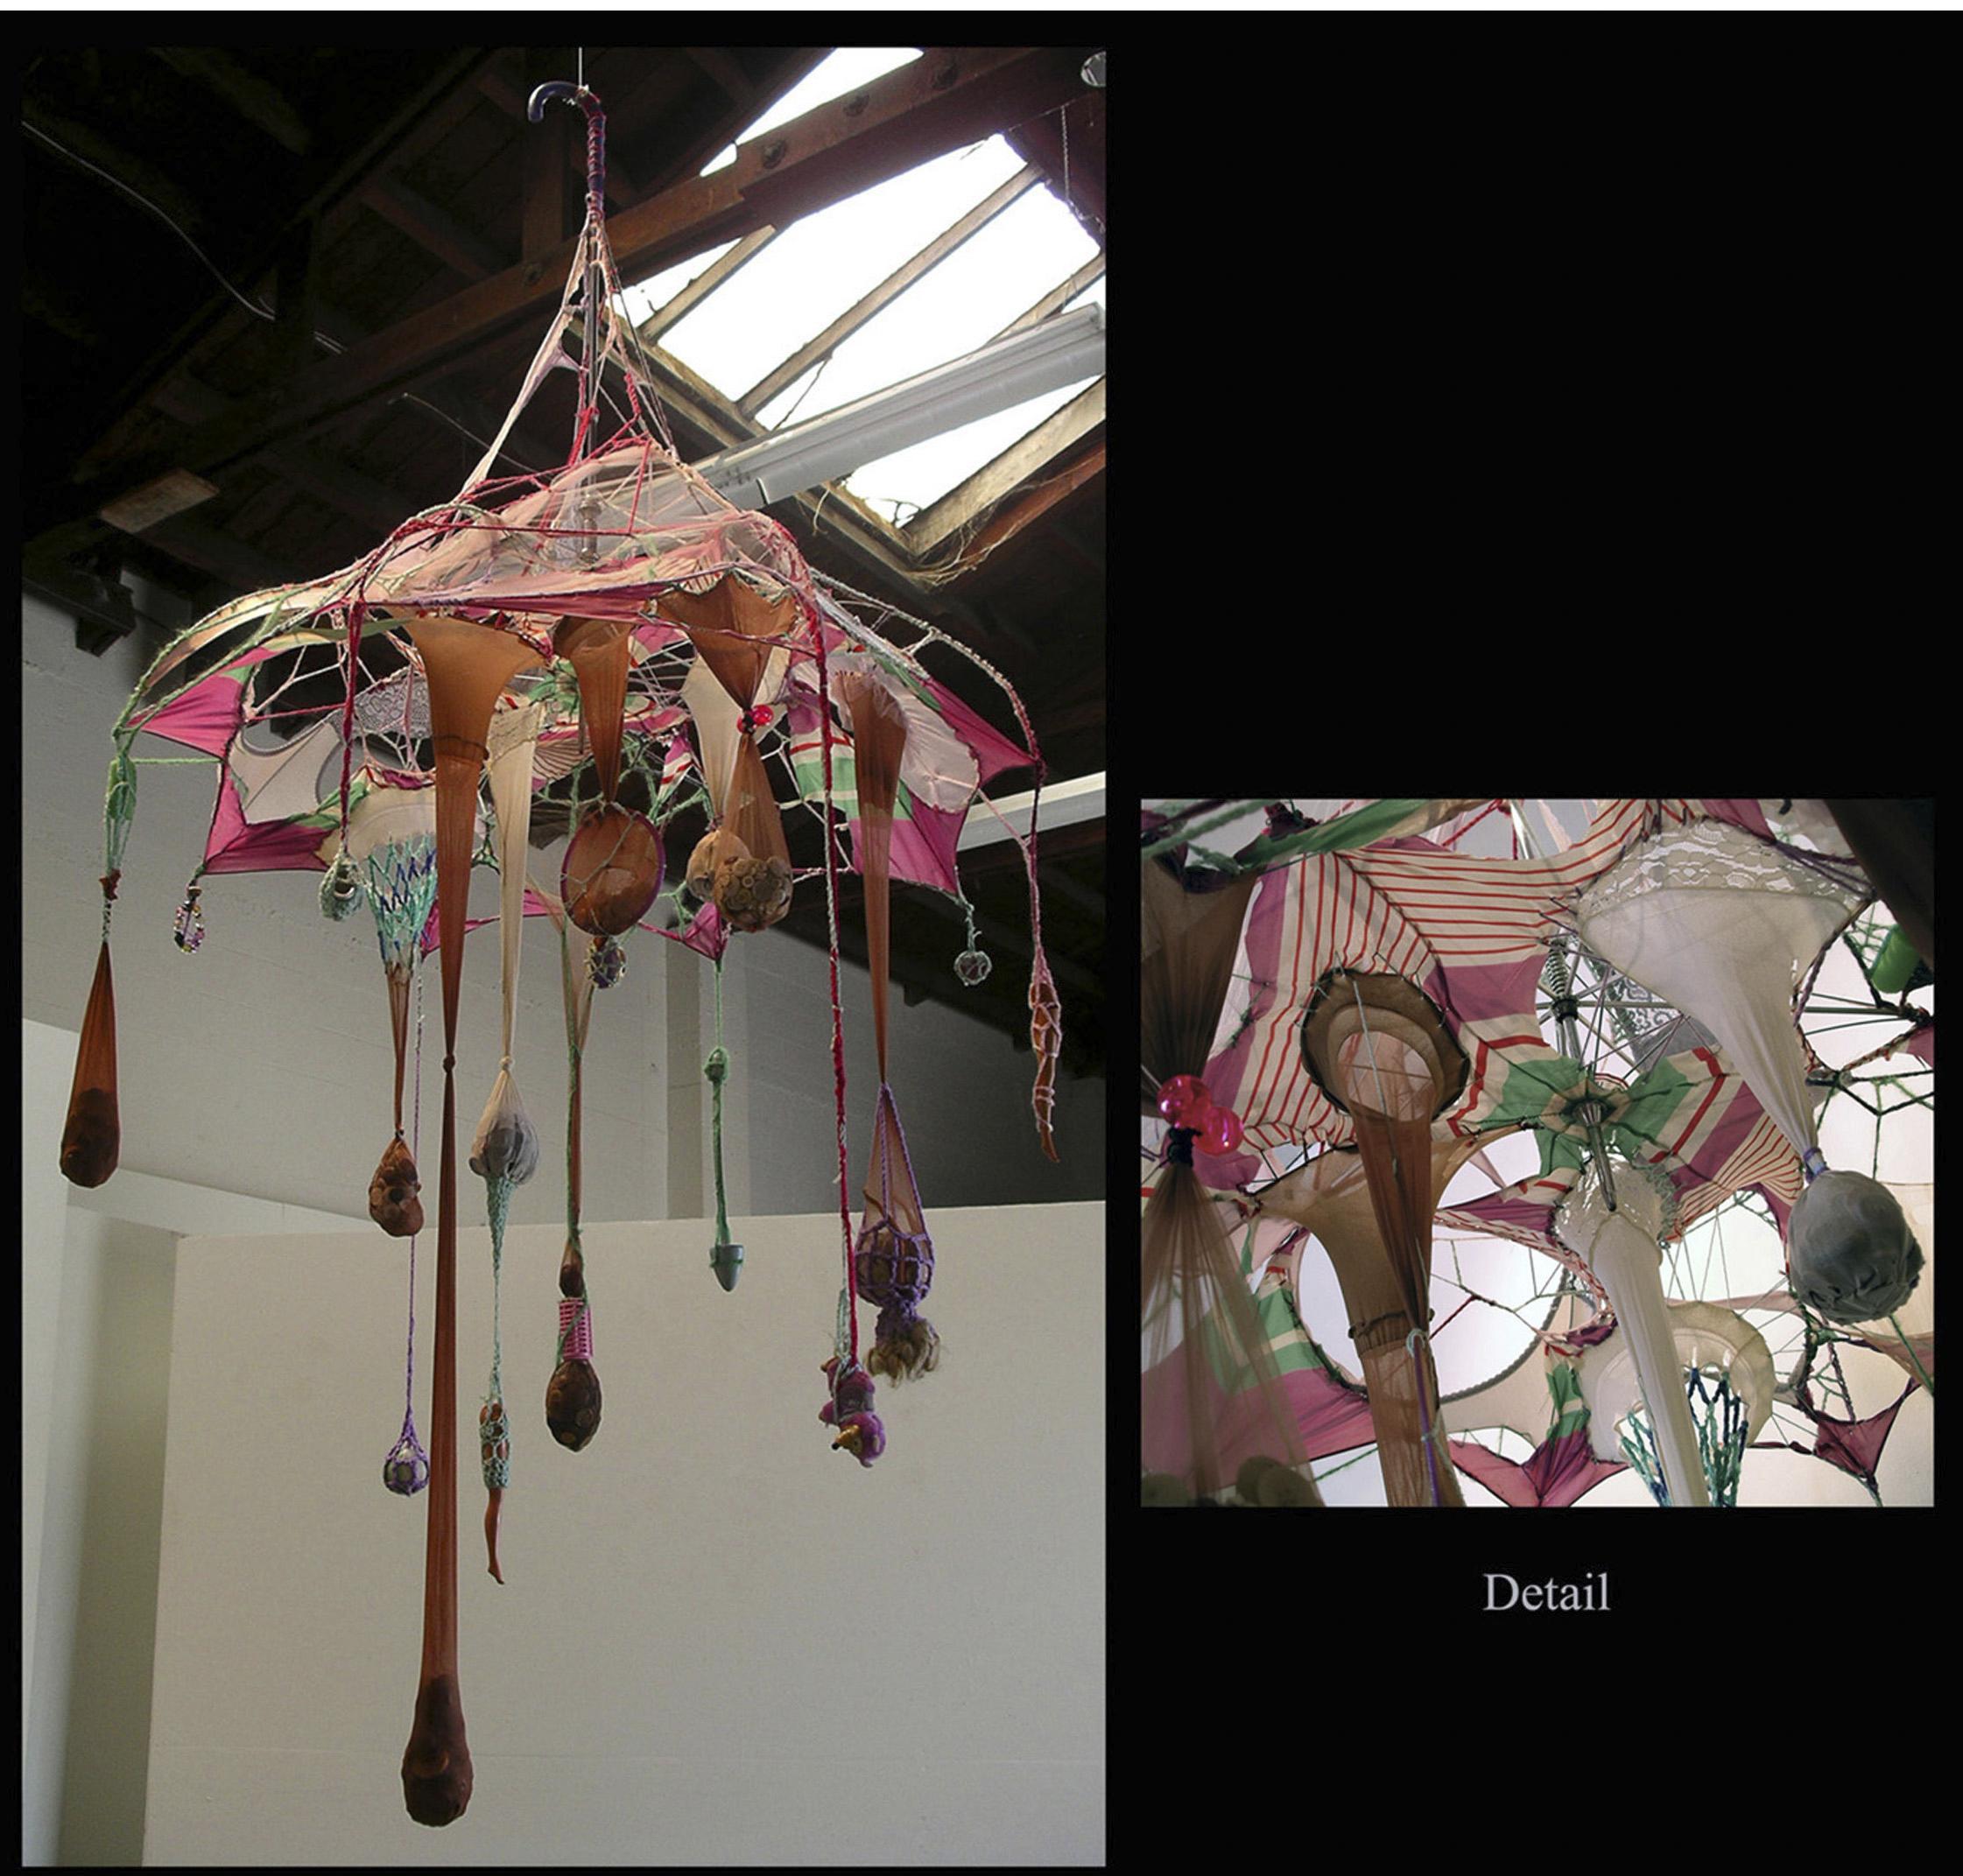 Untitled (Umbrella) (2006)